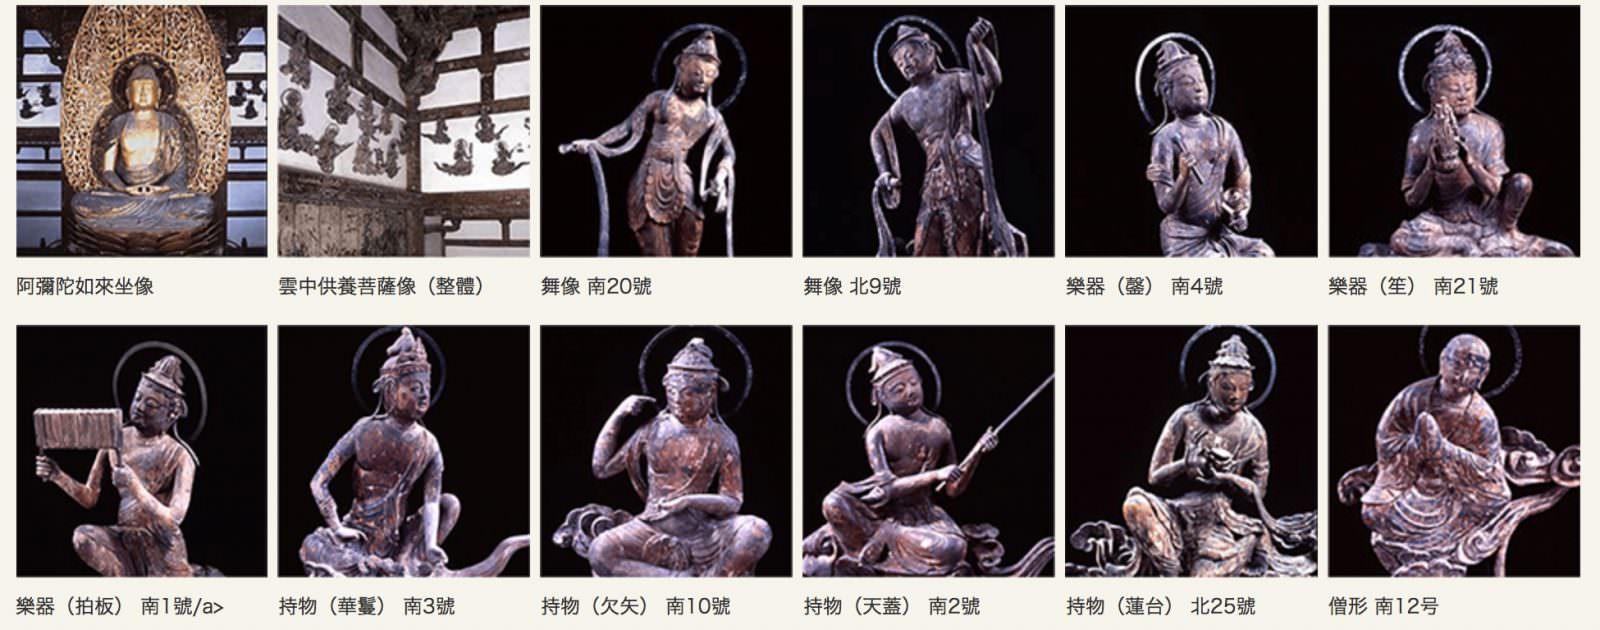 手持不同樂器的菩薩們,仙樂飄飄的九品來迎圖讓我想起輝夜姬最後的場景。圖片來源:平等院